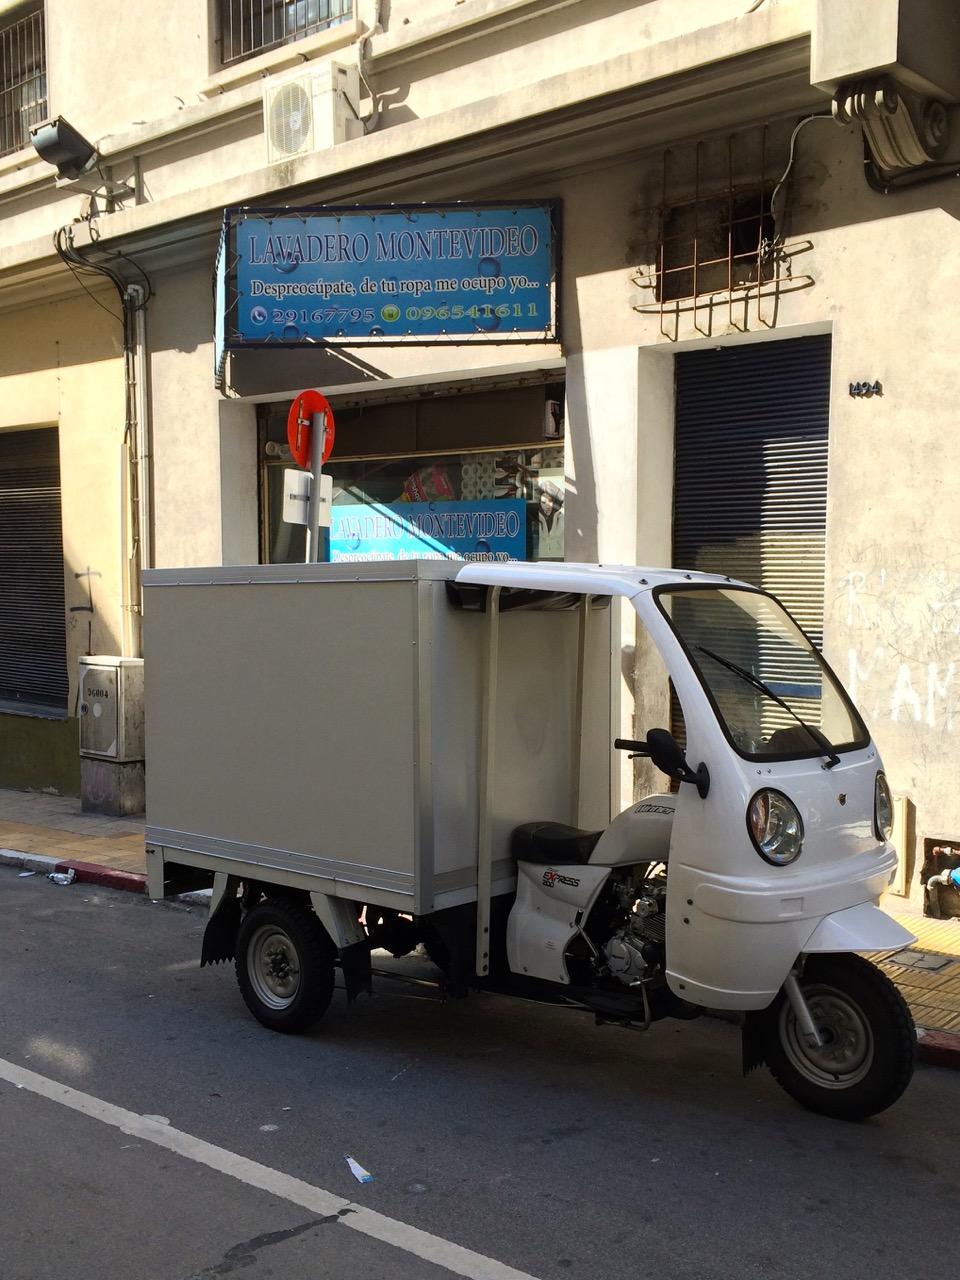 Lavadero Montevideo in Ciudad Vieja